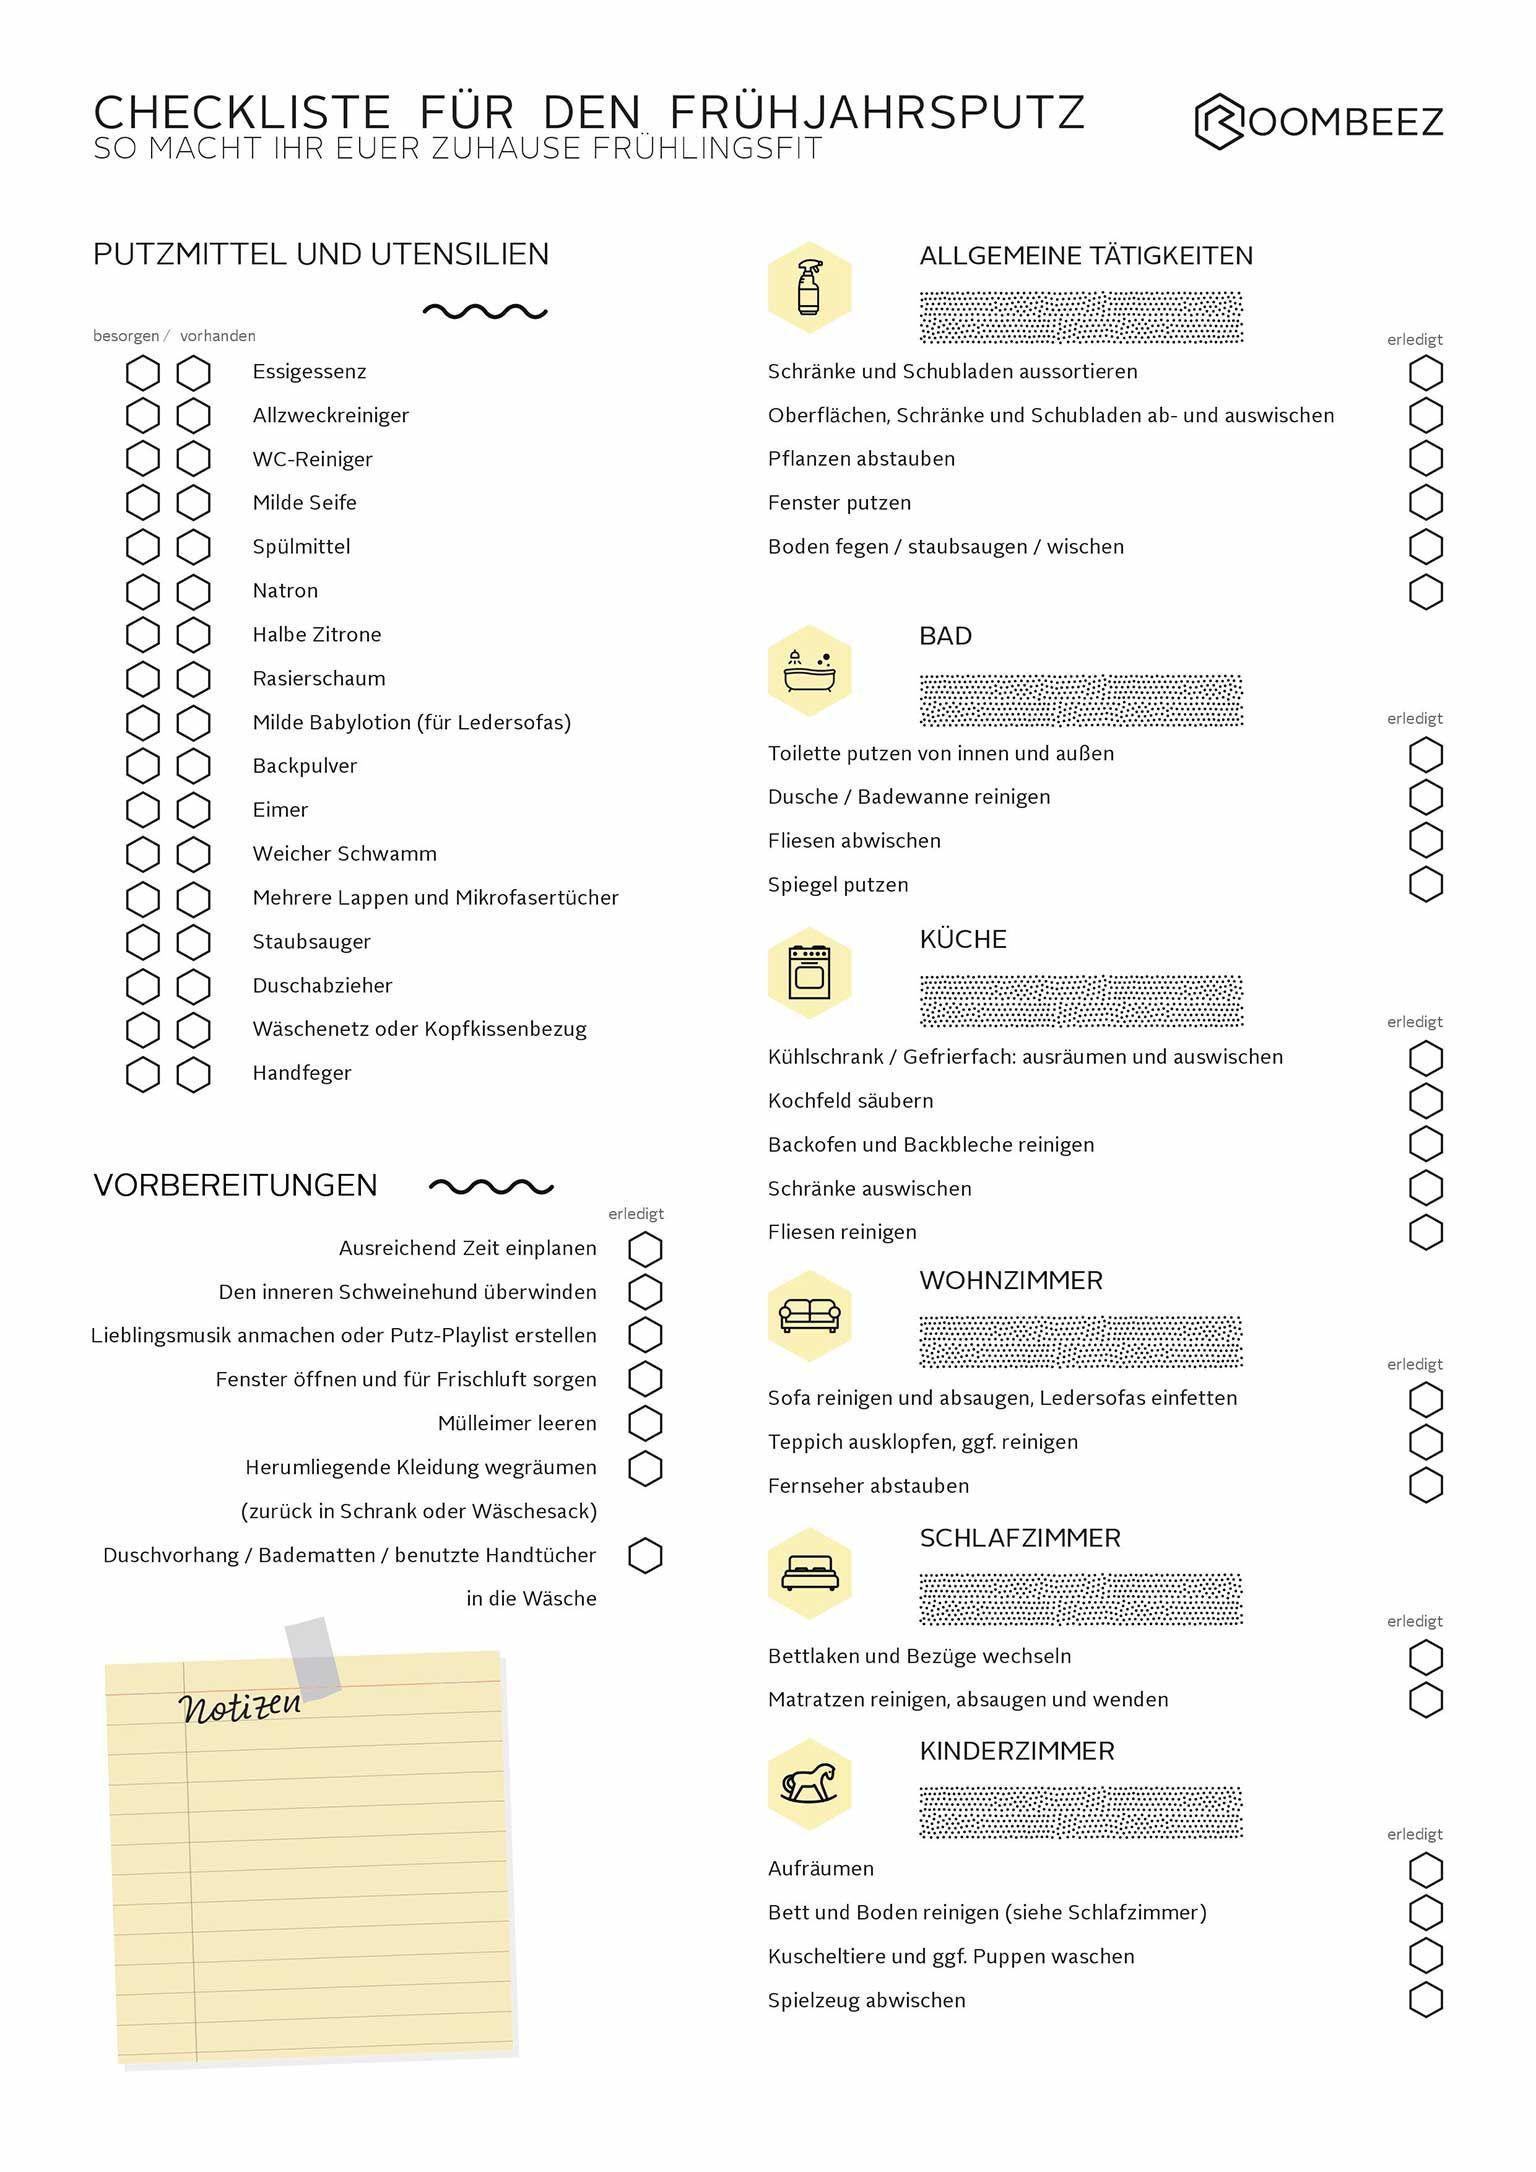 Putzplan Checkliste Fur Eine Saubere Wohnung Otto Fruhjahrsputz Put Checkliste Eine Fruh In 2020 Hausreinigungs Tipps Nutzliche Tipps Fruhjahrsputz Tipps